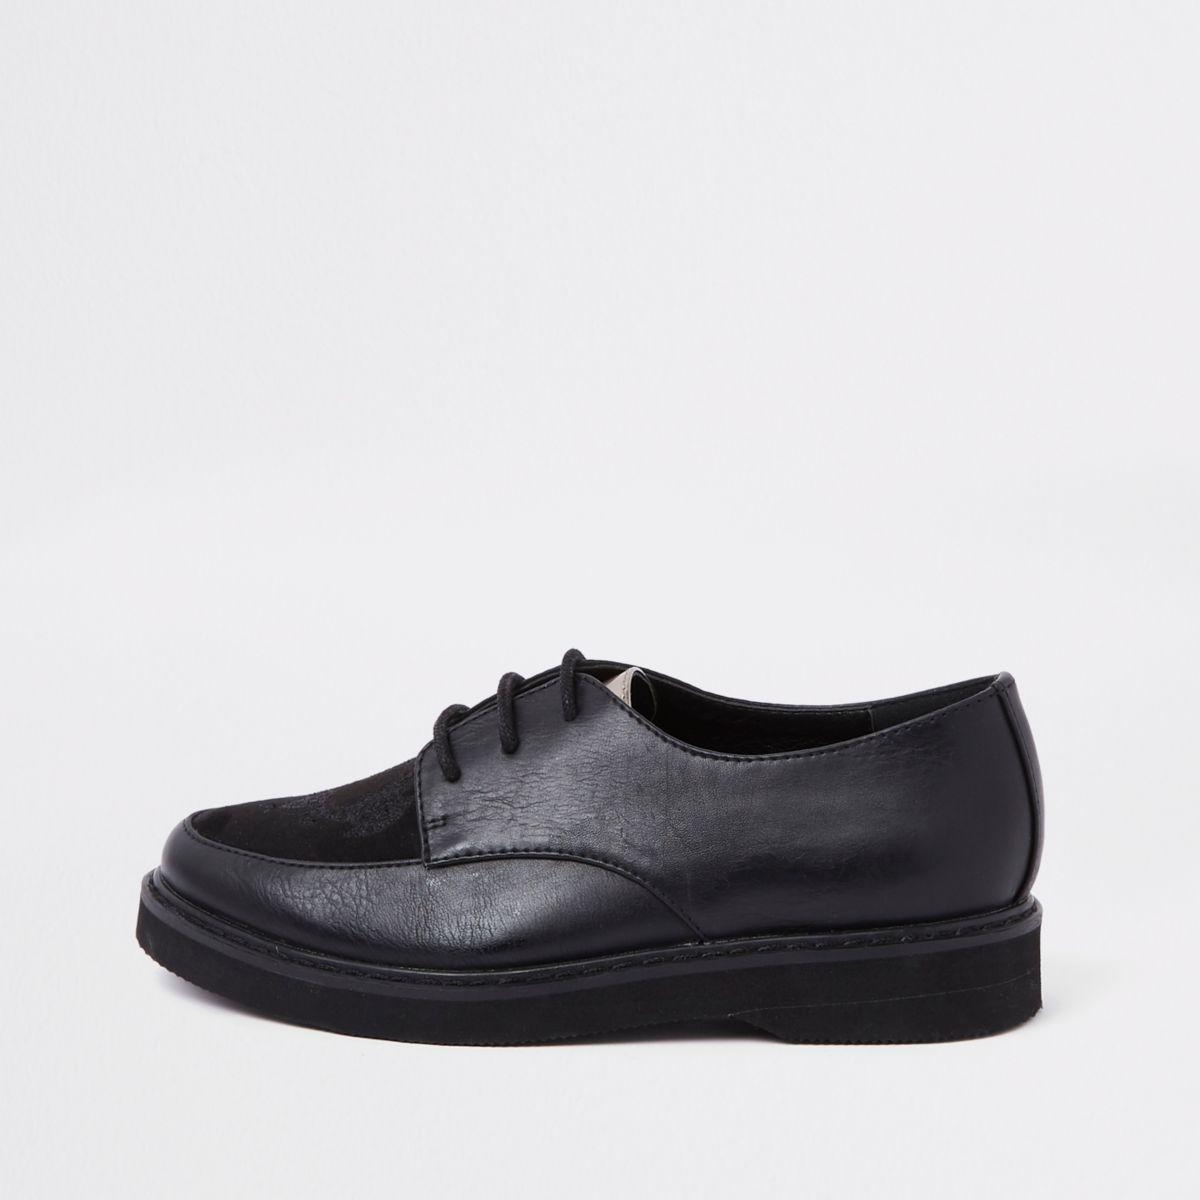 RI 30 boys black creeper shoes